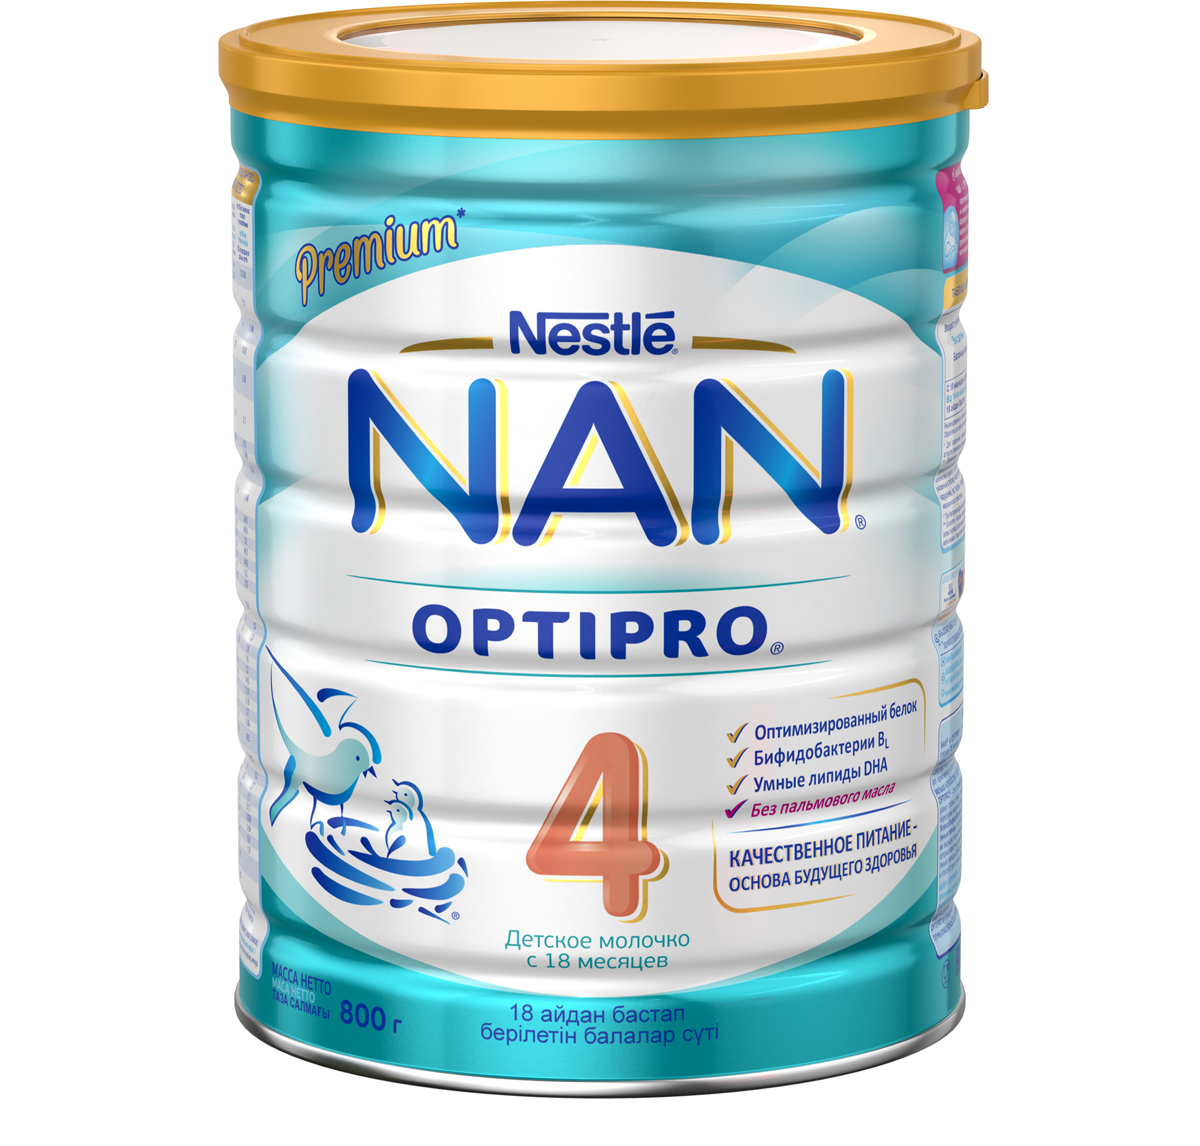 NAN 4 OPTIPRO молочко, с 18 месяцев, 800 г ягоды карелии земляника протертая с сахаром 280 гр